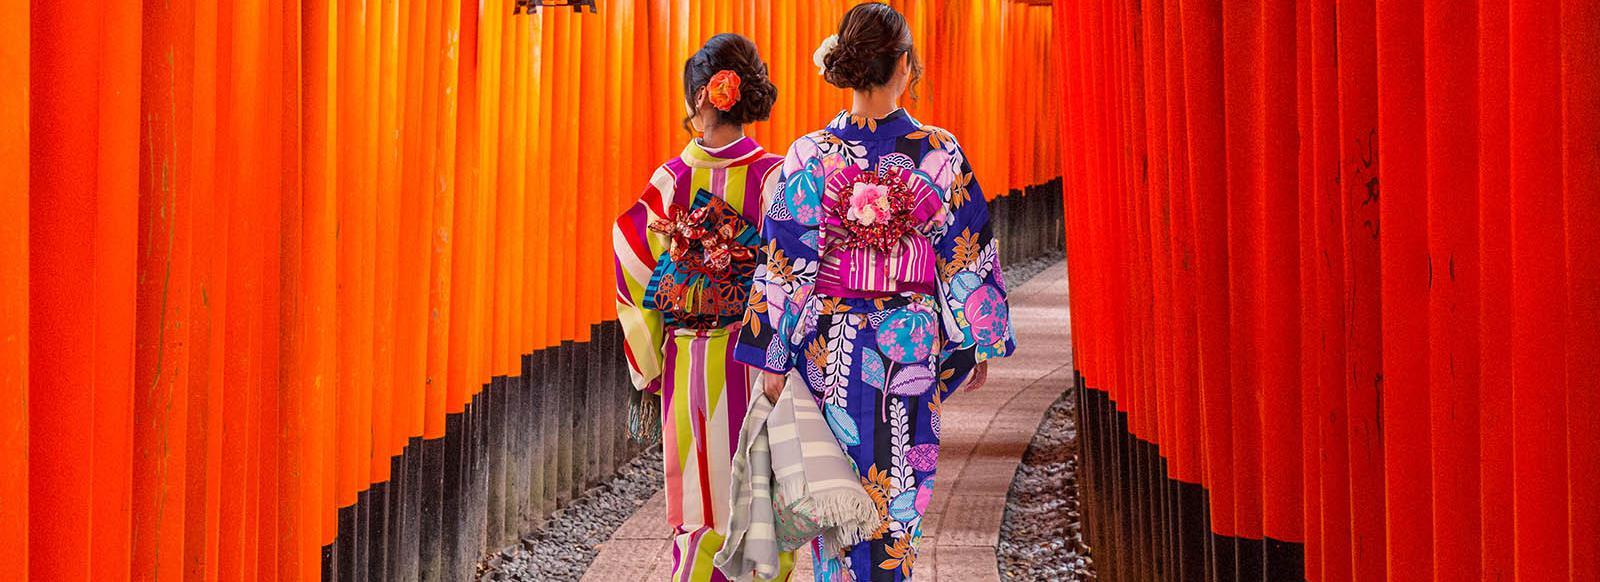 Croisière PONANT Japon